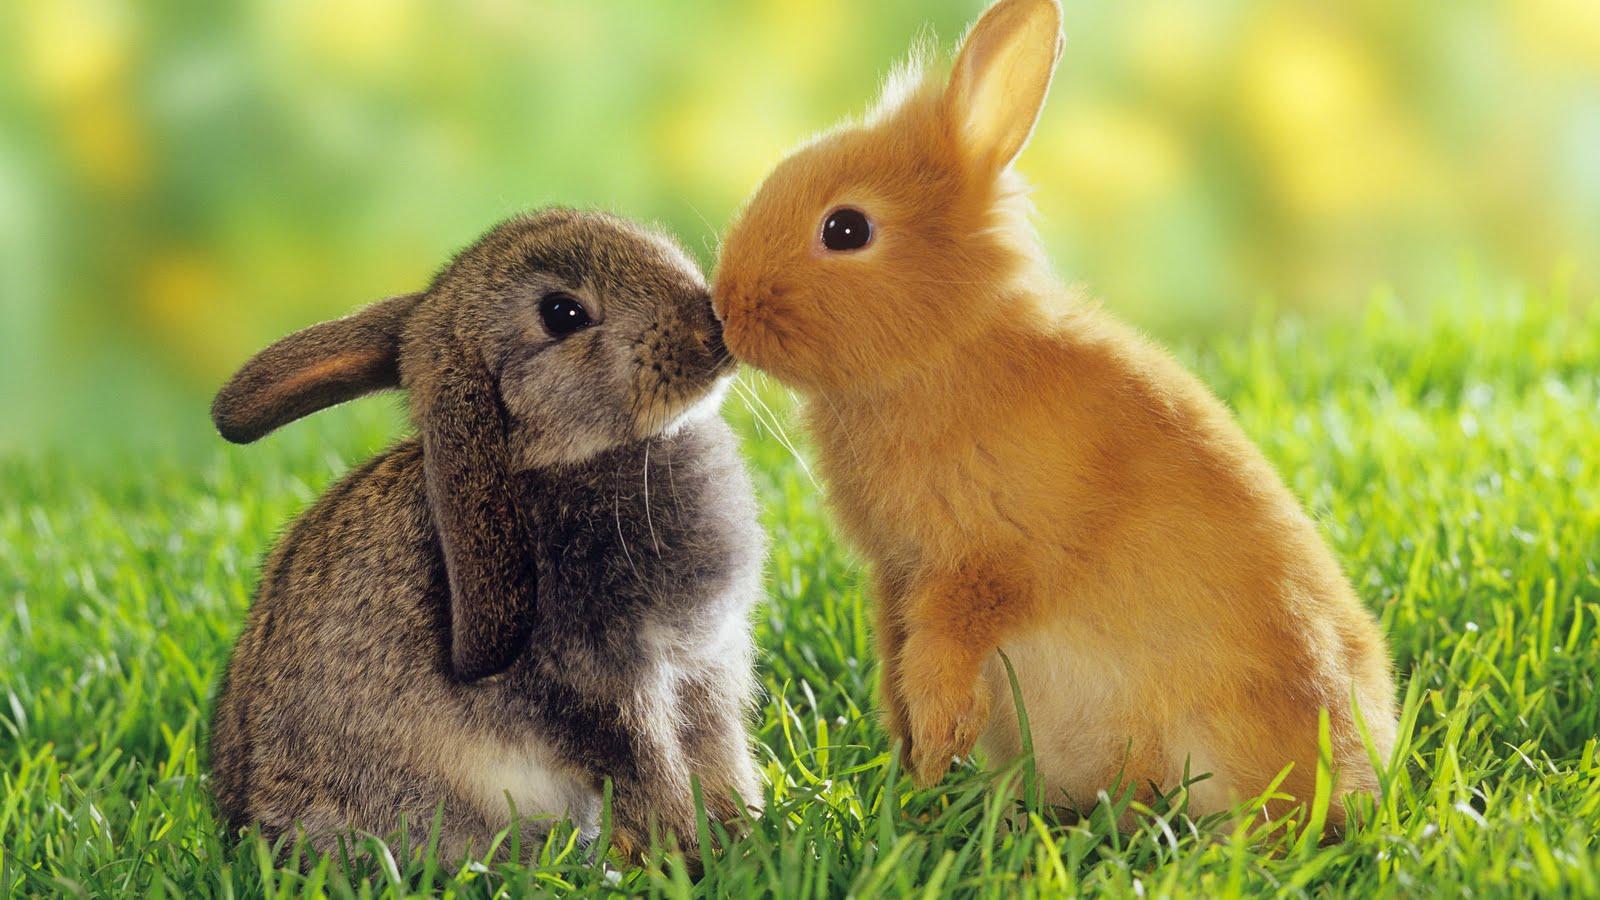 Animales: Los verdaderos humanos en la tierra, nosotros los verdaderos animales